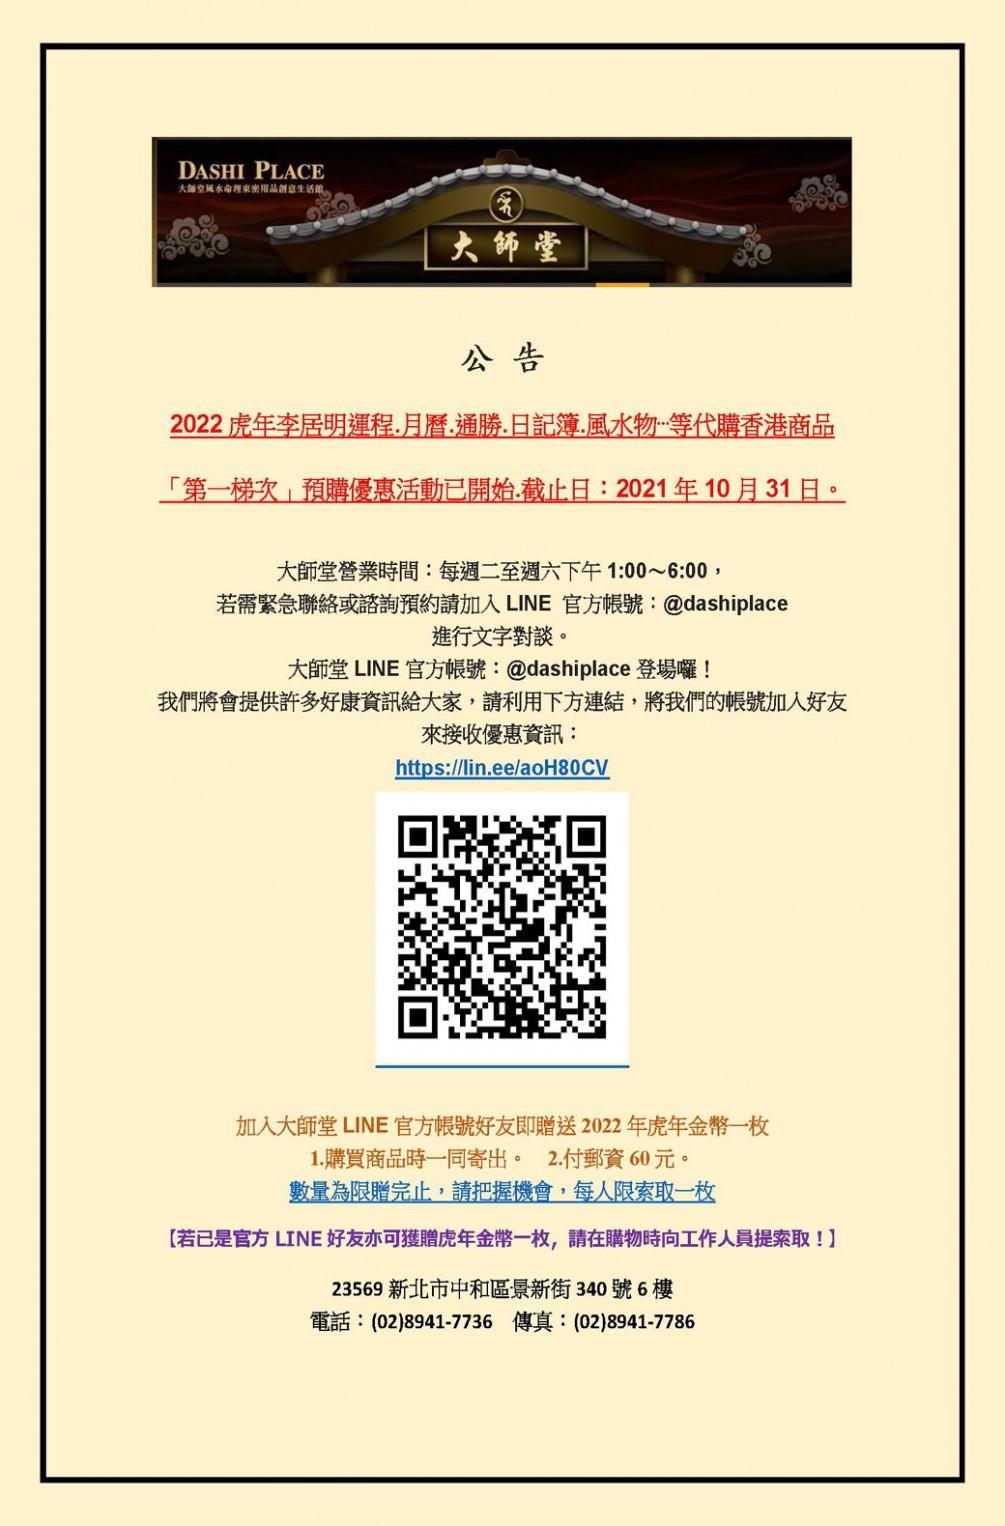 公 告 2022虎年李居明運程.月曆.通勝.日記簿.風水物⋯等代購香港商品, 「第一梯次」預購優惠活動已開始.截止日:2021年10月31日。